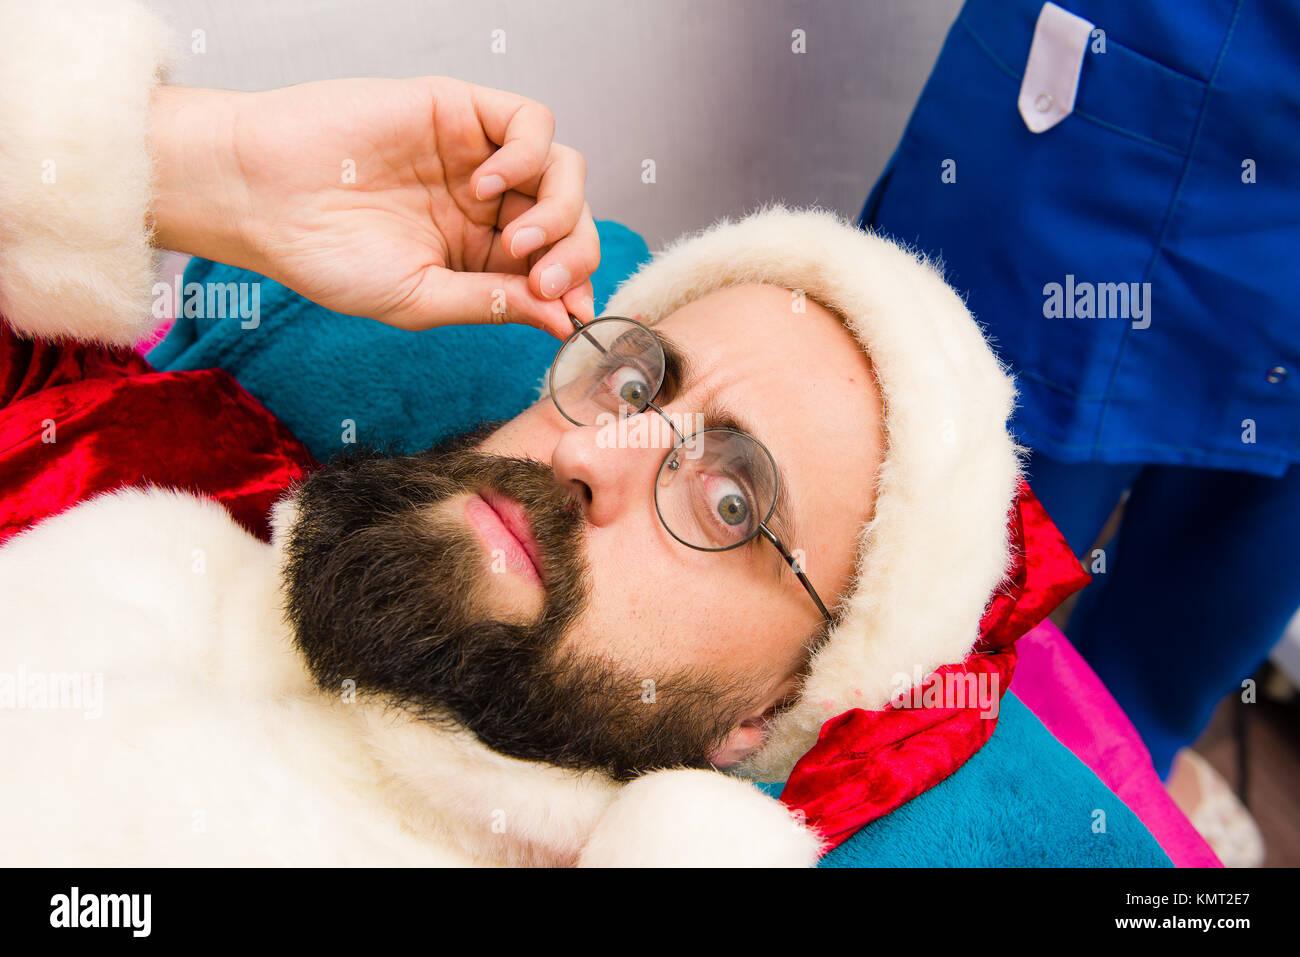 Spa Gesichtsmaske Anwendung. Weihnachten Mann in Santa Claus ...